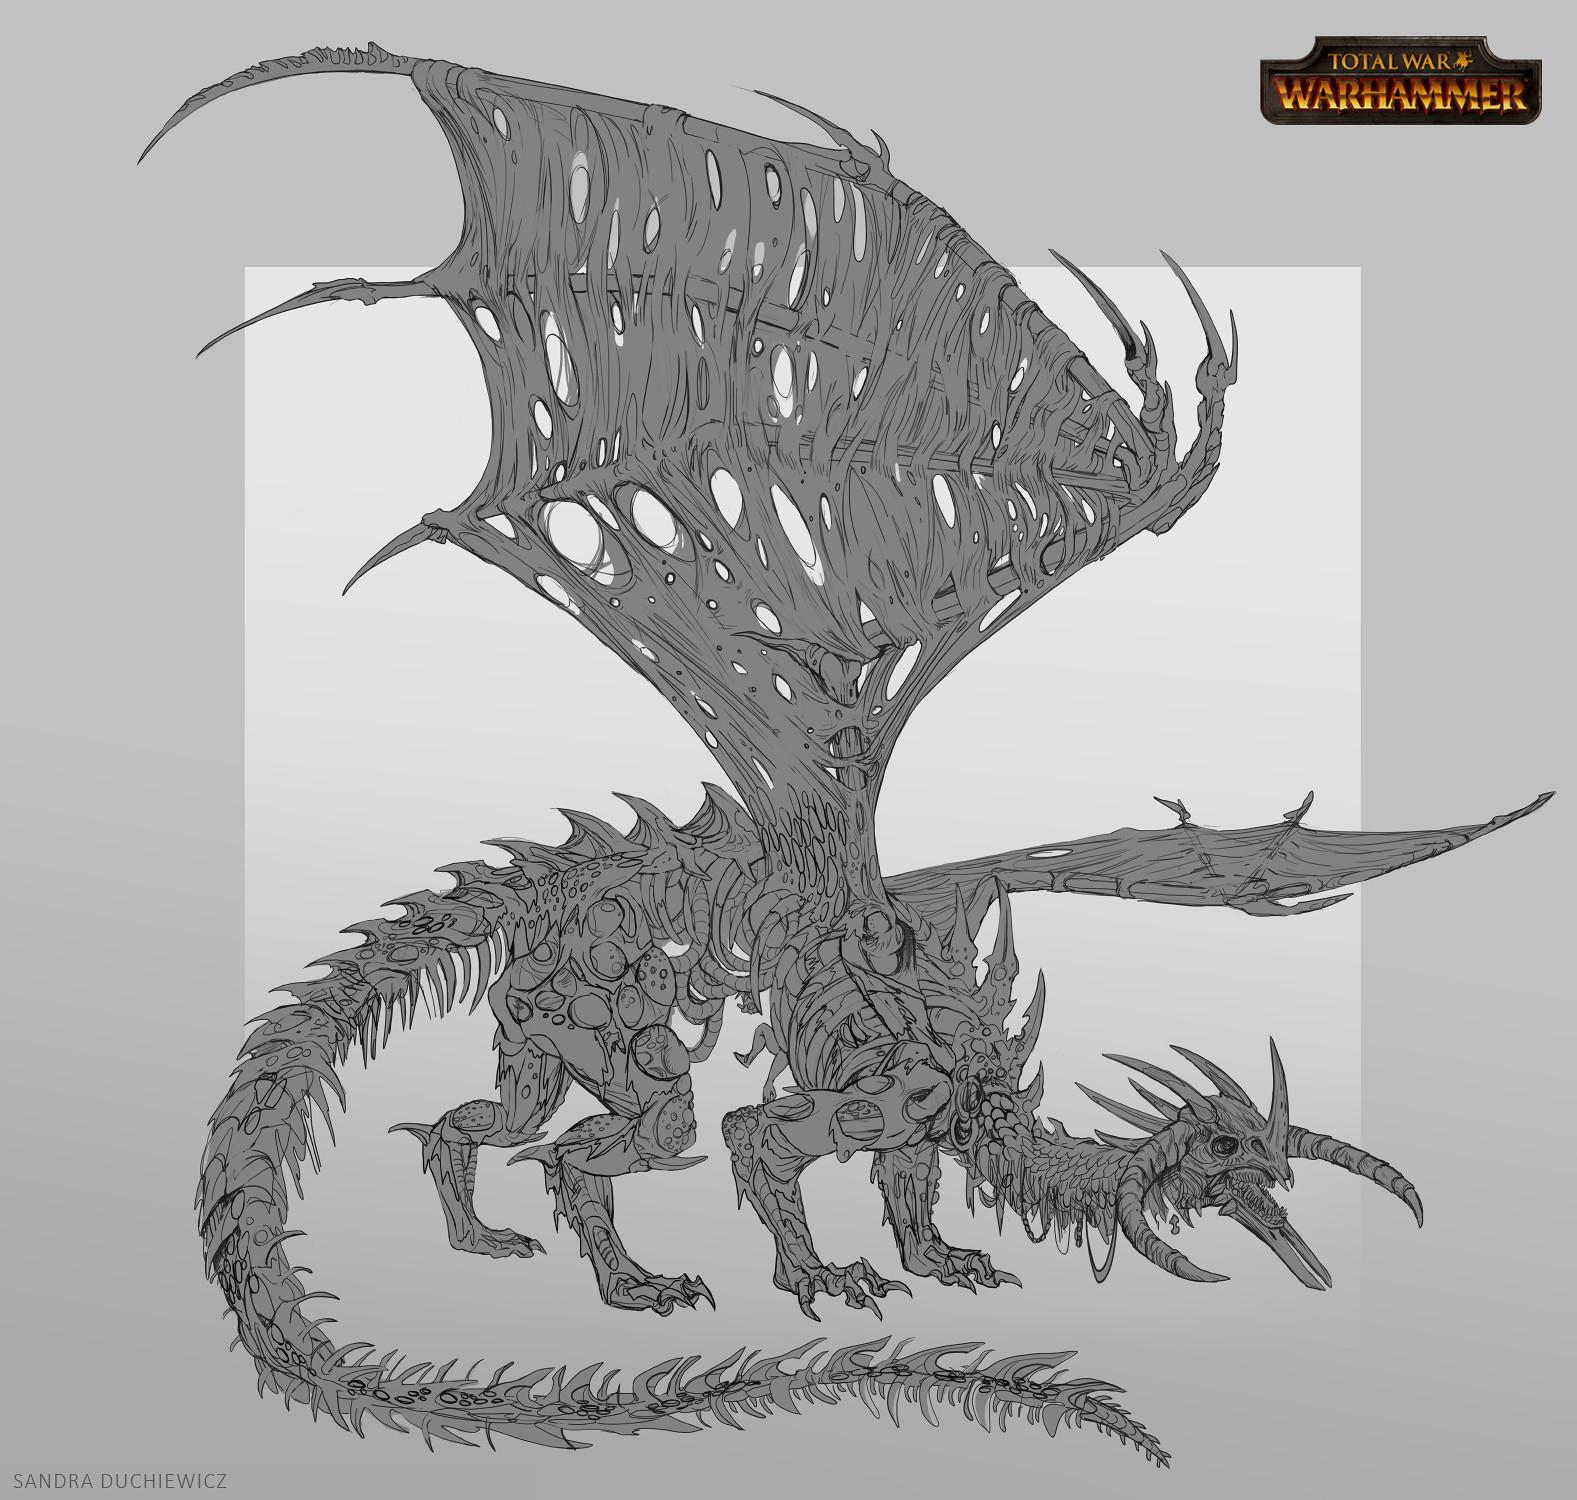 Sandra Duchiewicz - Total War: Warhammer Concept Art ...